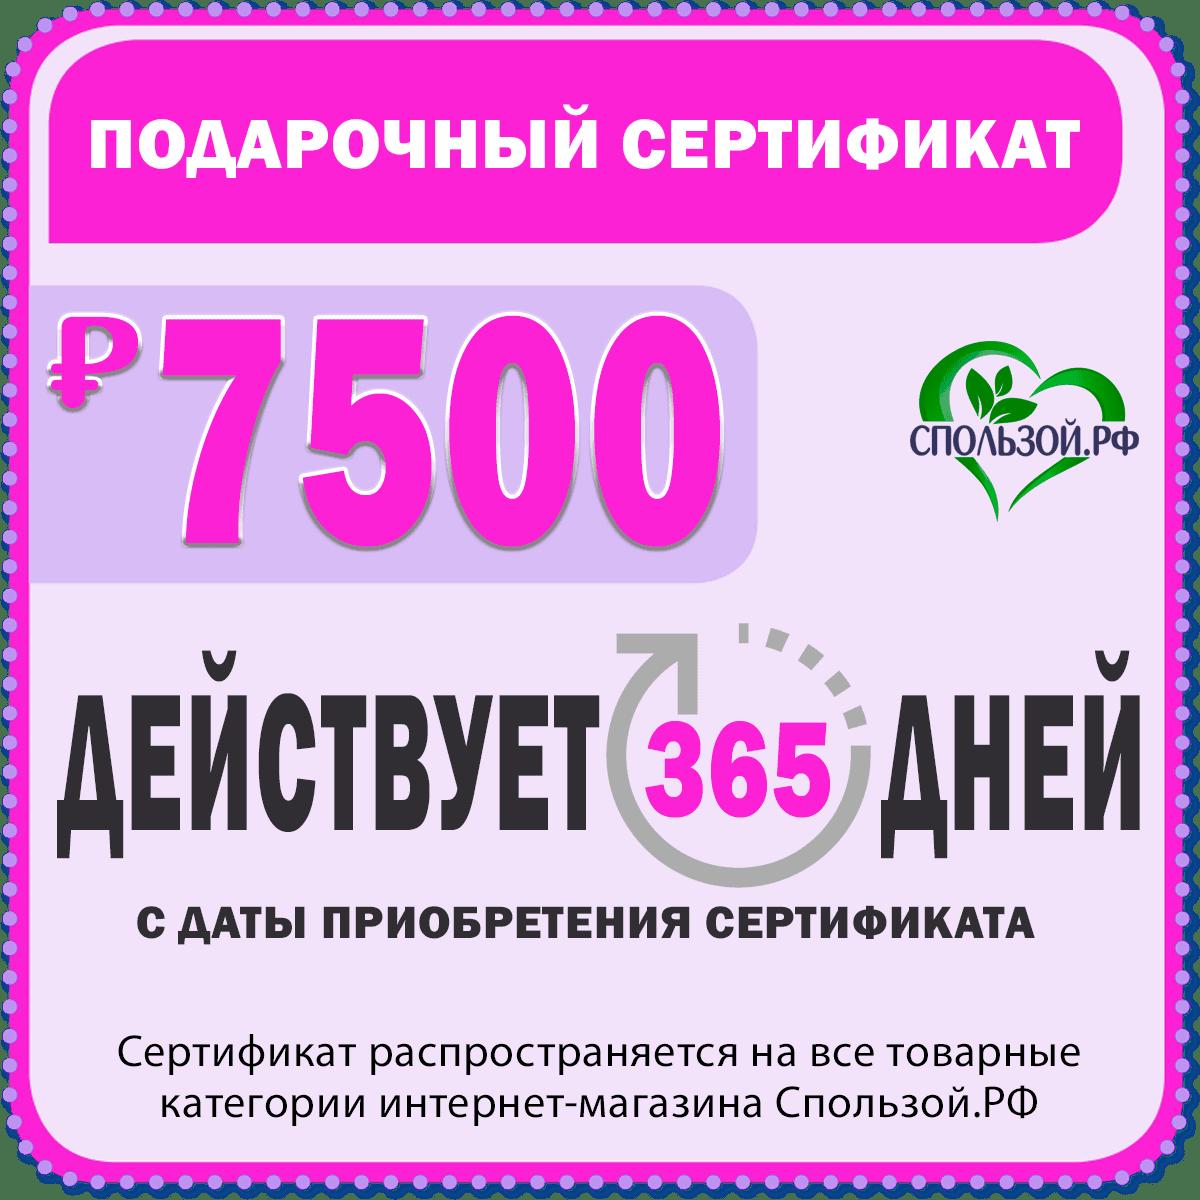 discount certificate 7500 rubles